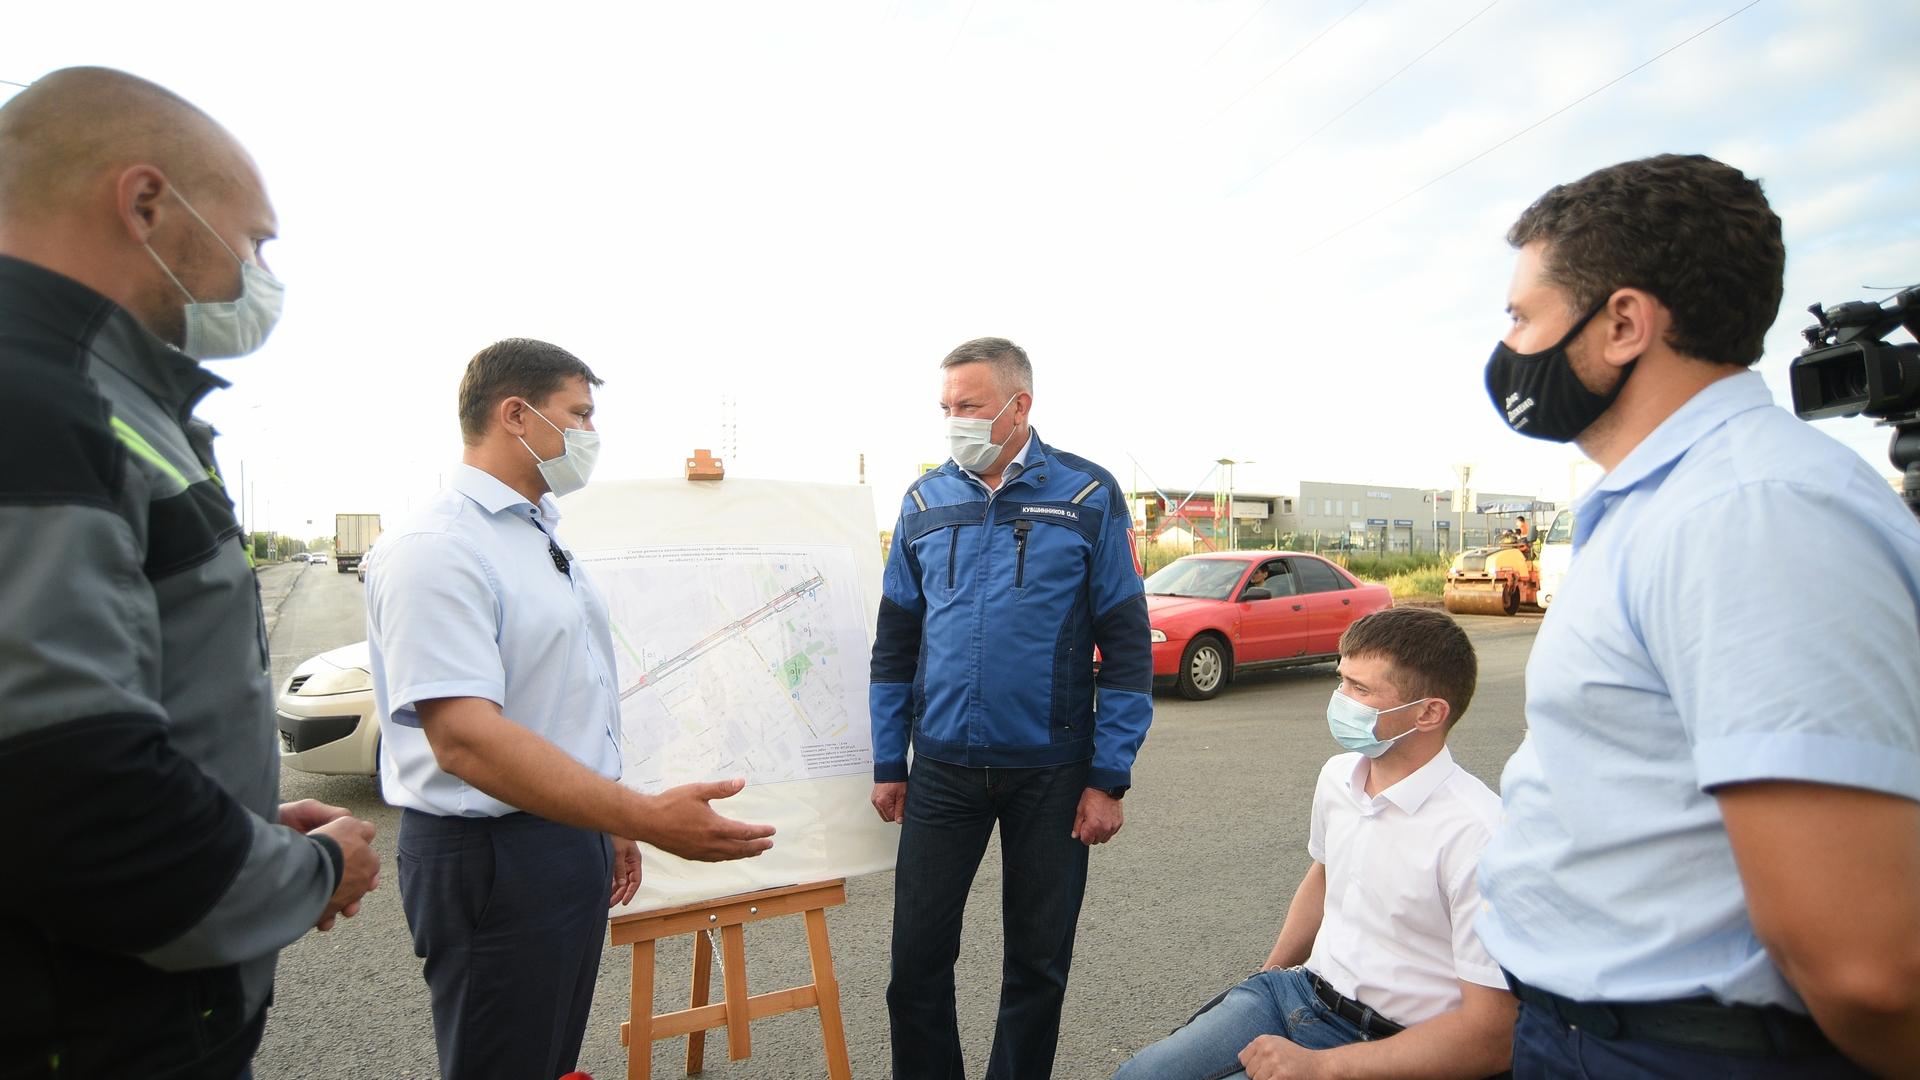 Первые лица области и города проверили ход работ на одном из крупных объектов - улице Дальней